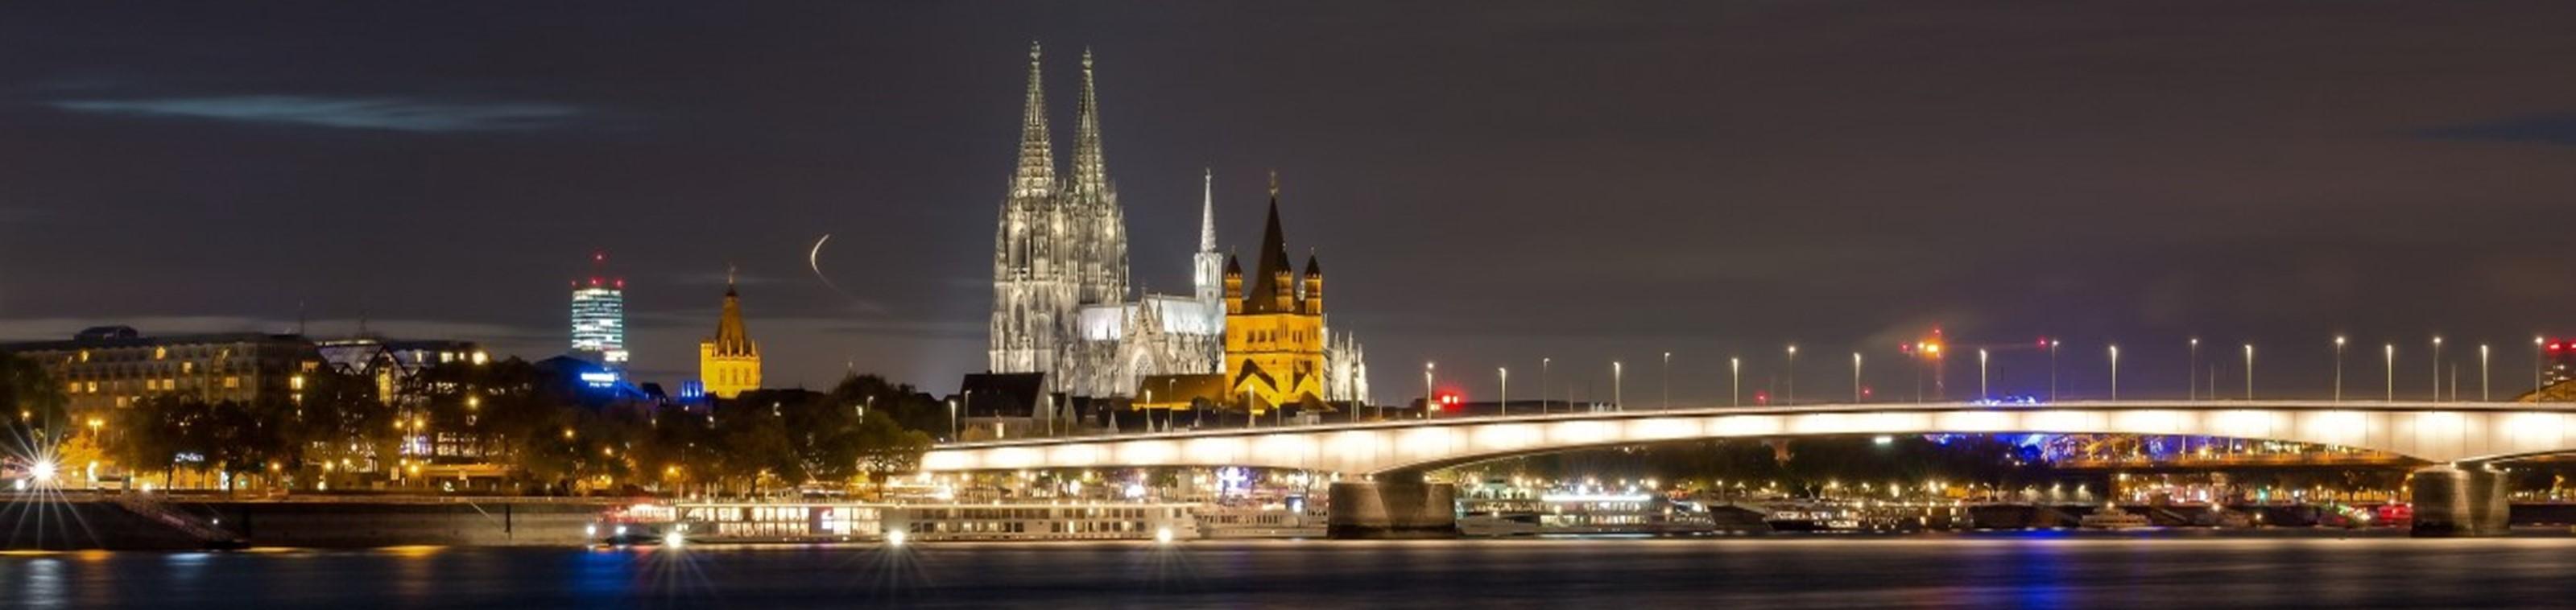 Ontdek de kunststeden van Noordrijn-Westfalen